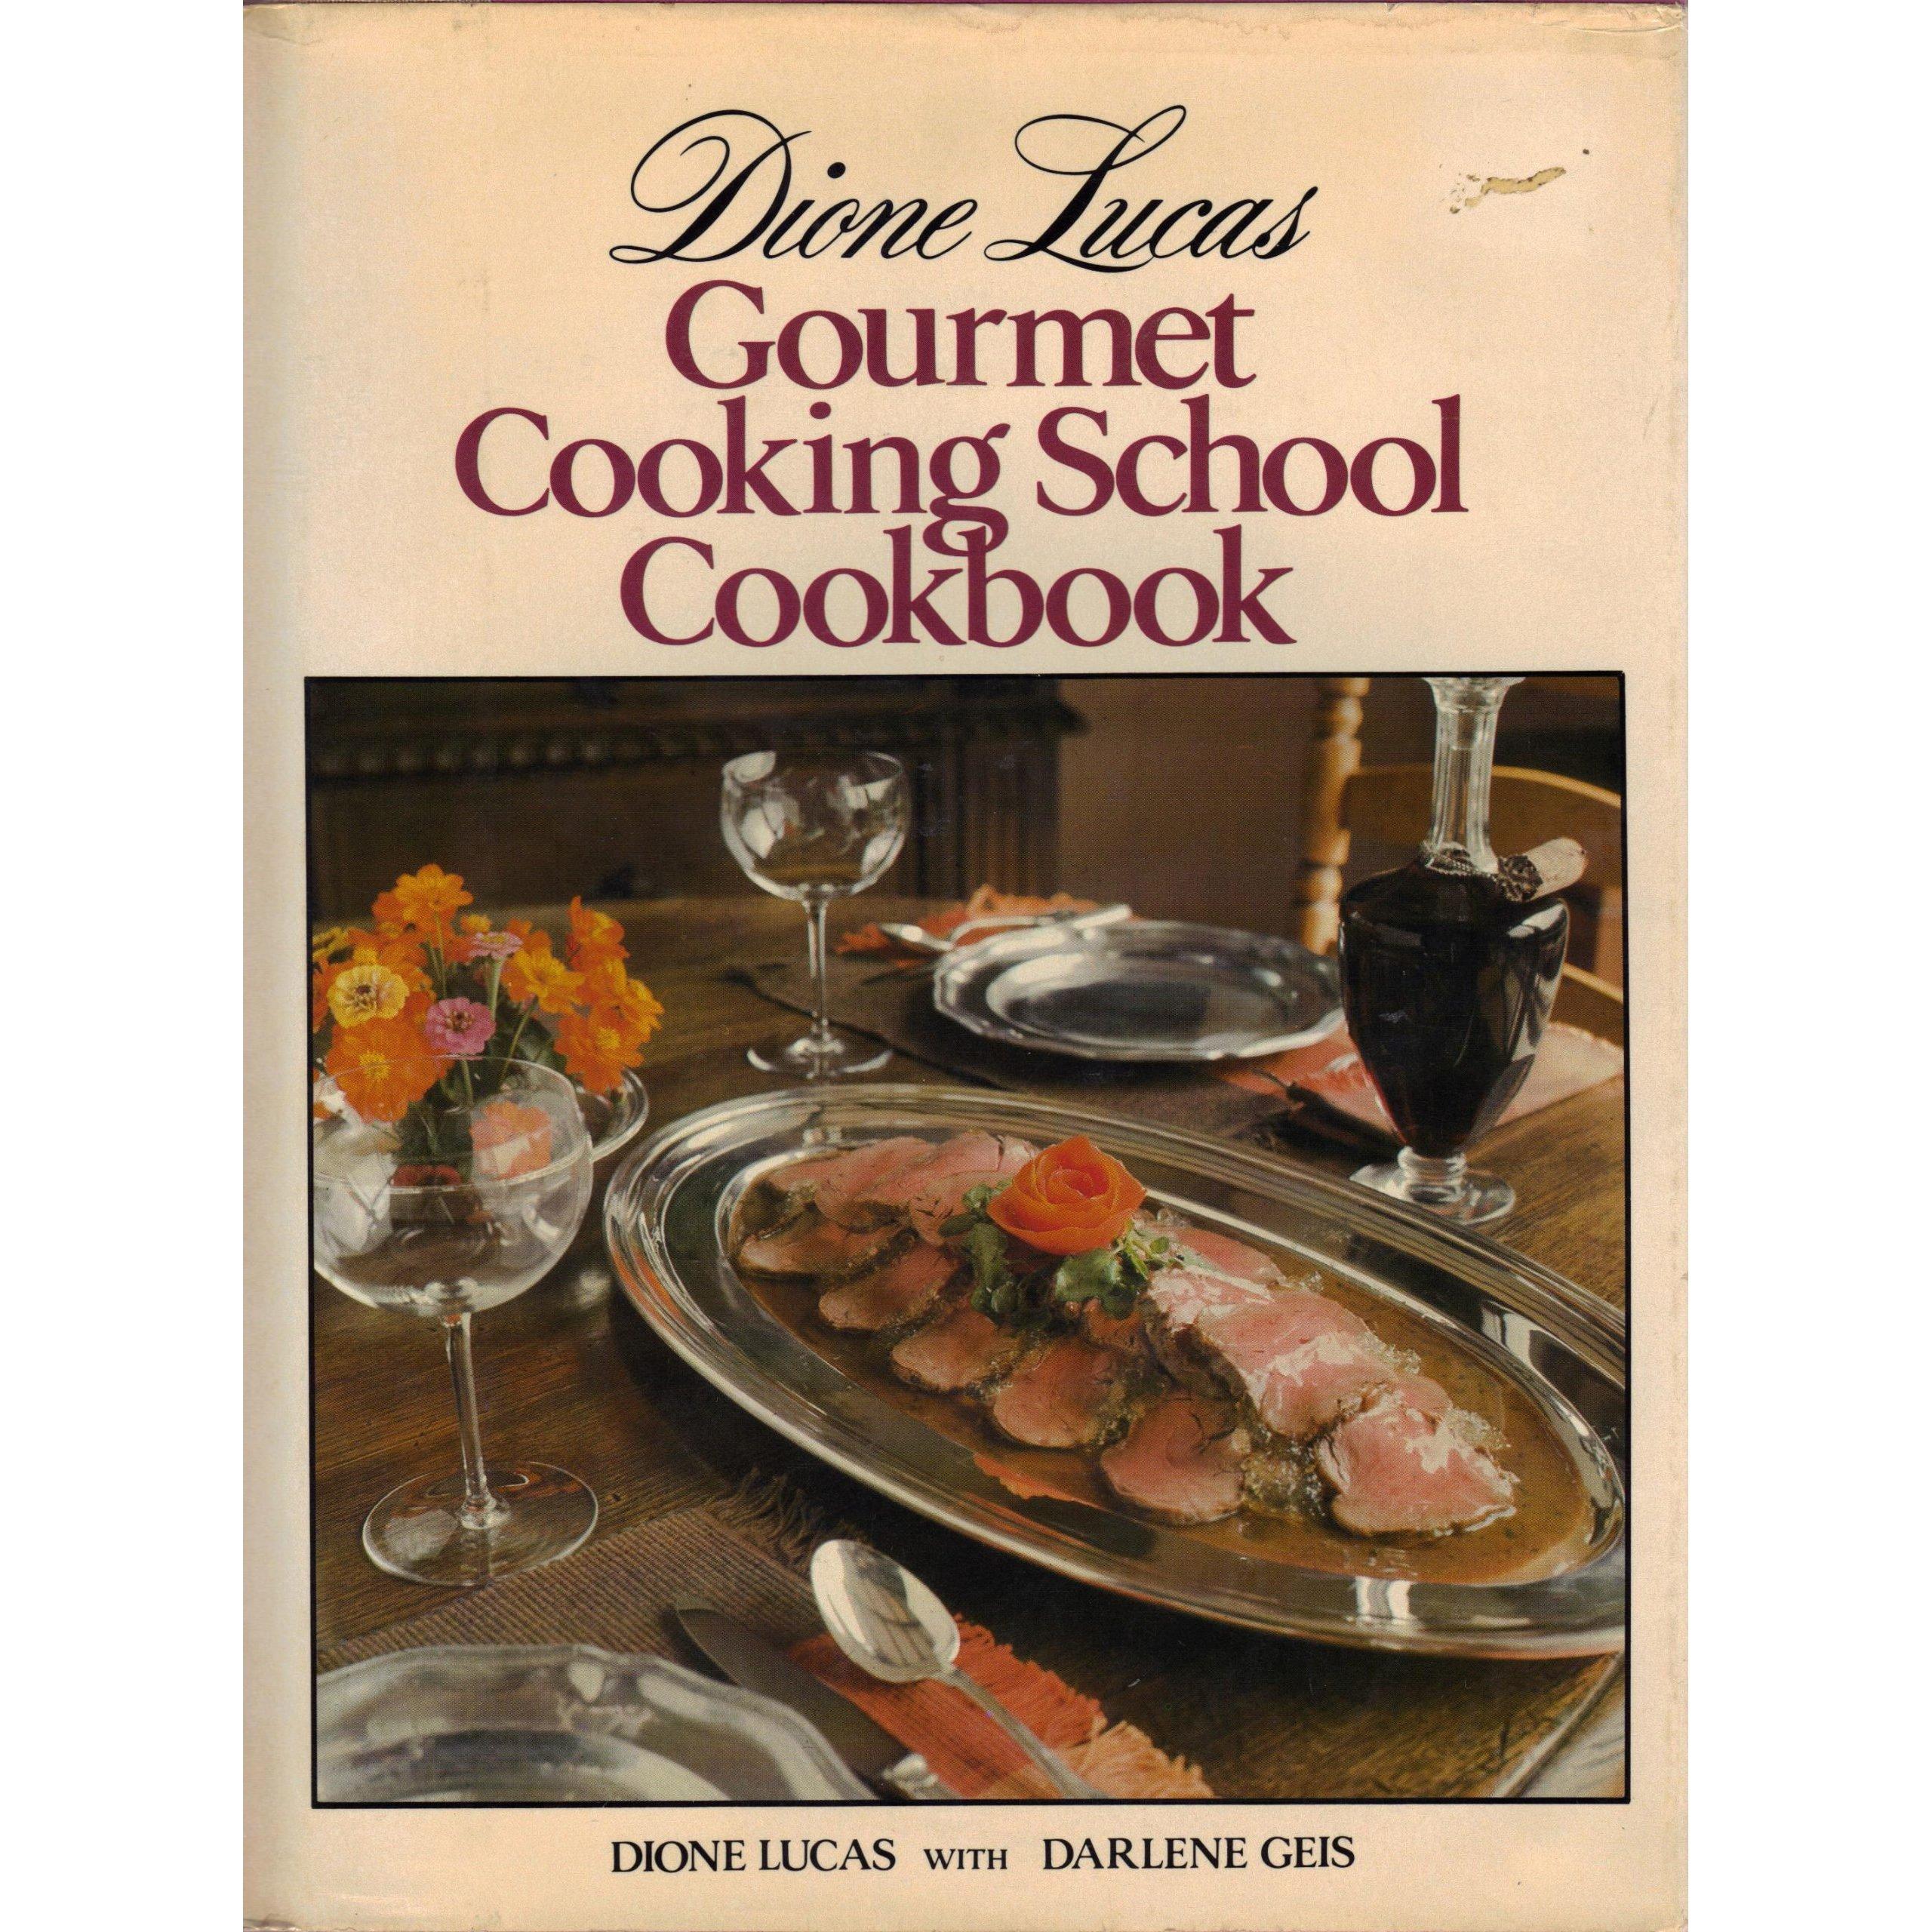 dione lucas cook book